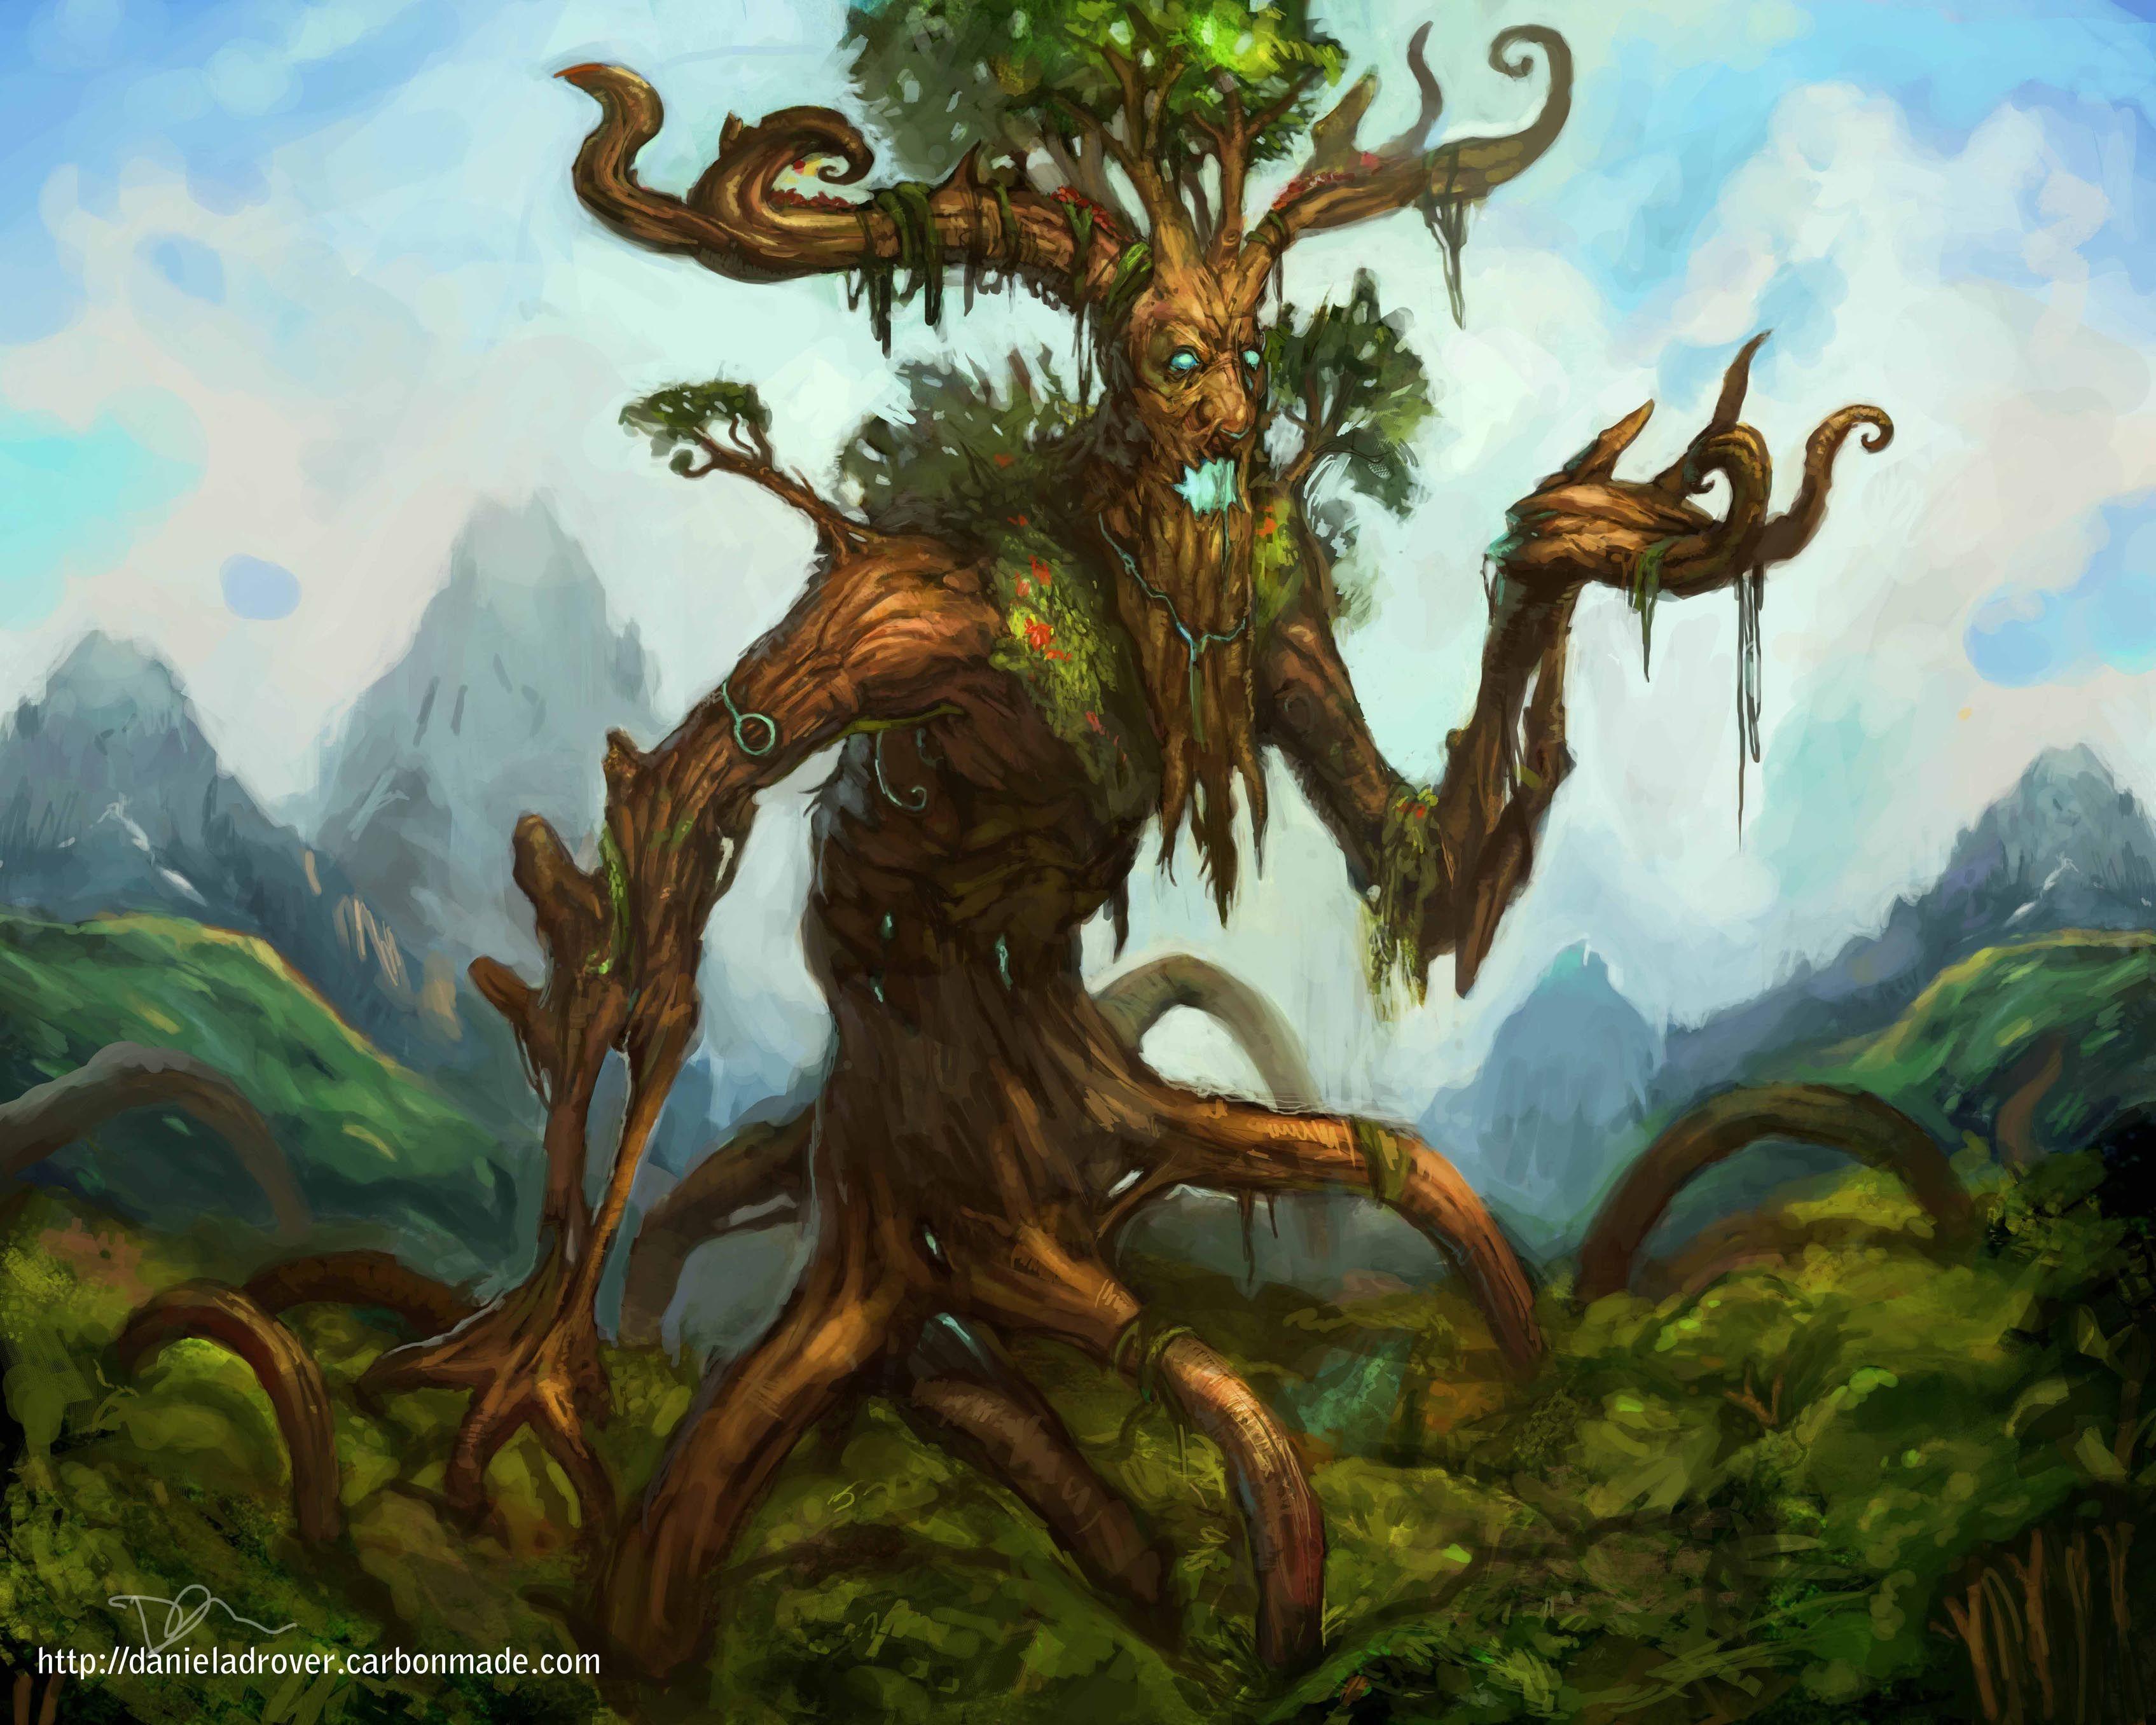 весной, когда картинки мифическое дерево популяция